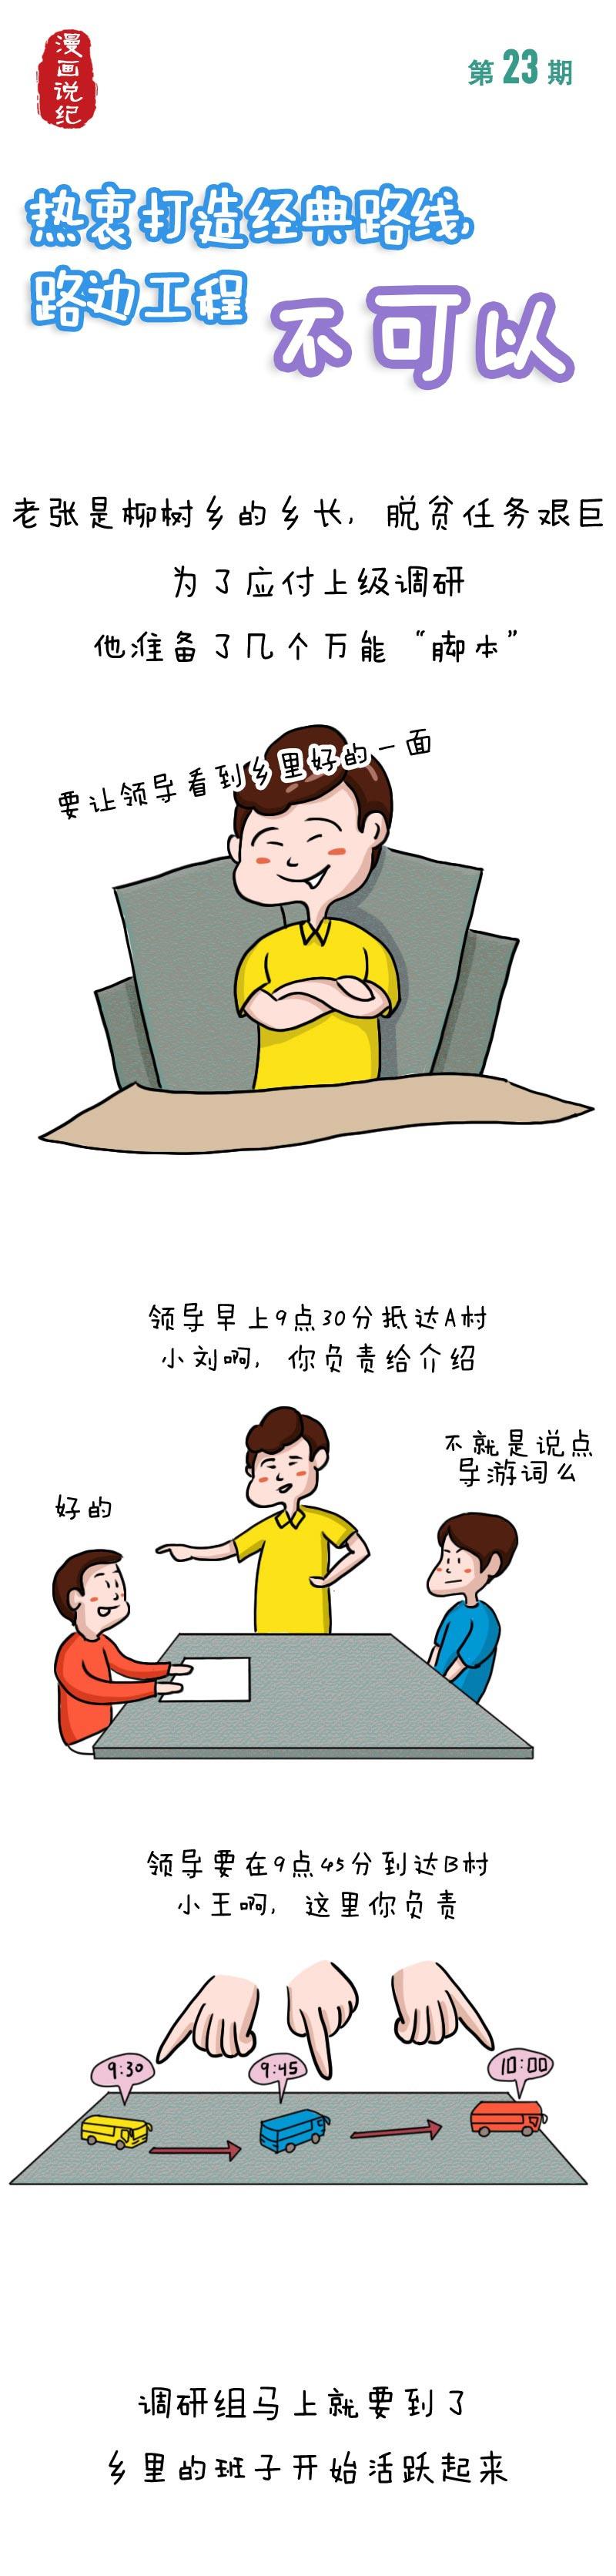 摩鑫招商:说纪丨热衷打摩鑫招商造经典路线路边工图片